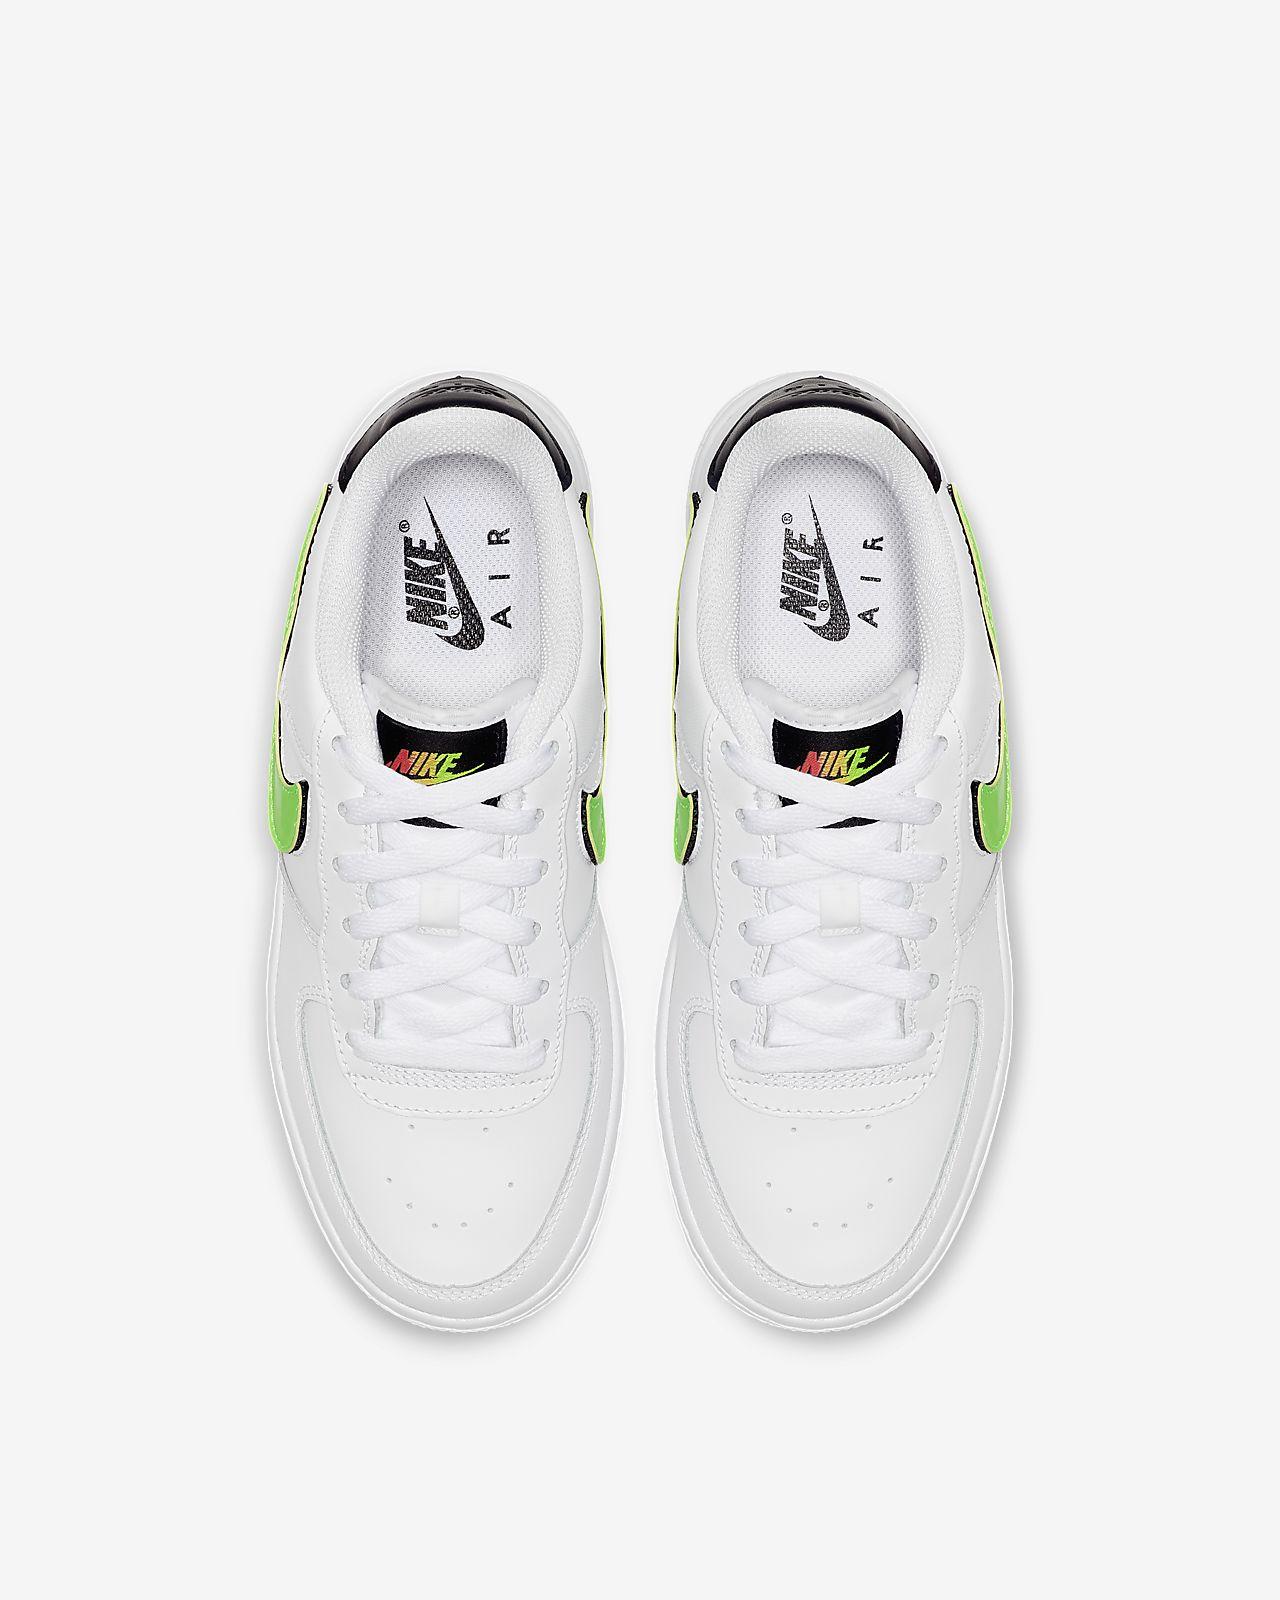 Lv8 Plus Air Âgé Pour Force Enfant Chaussure 1 3 Nike QCortxBshd